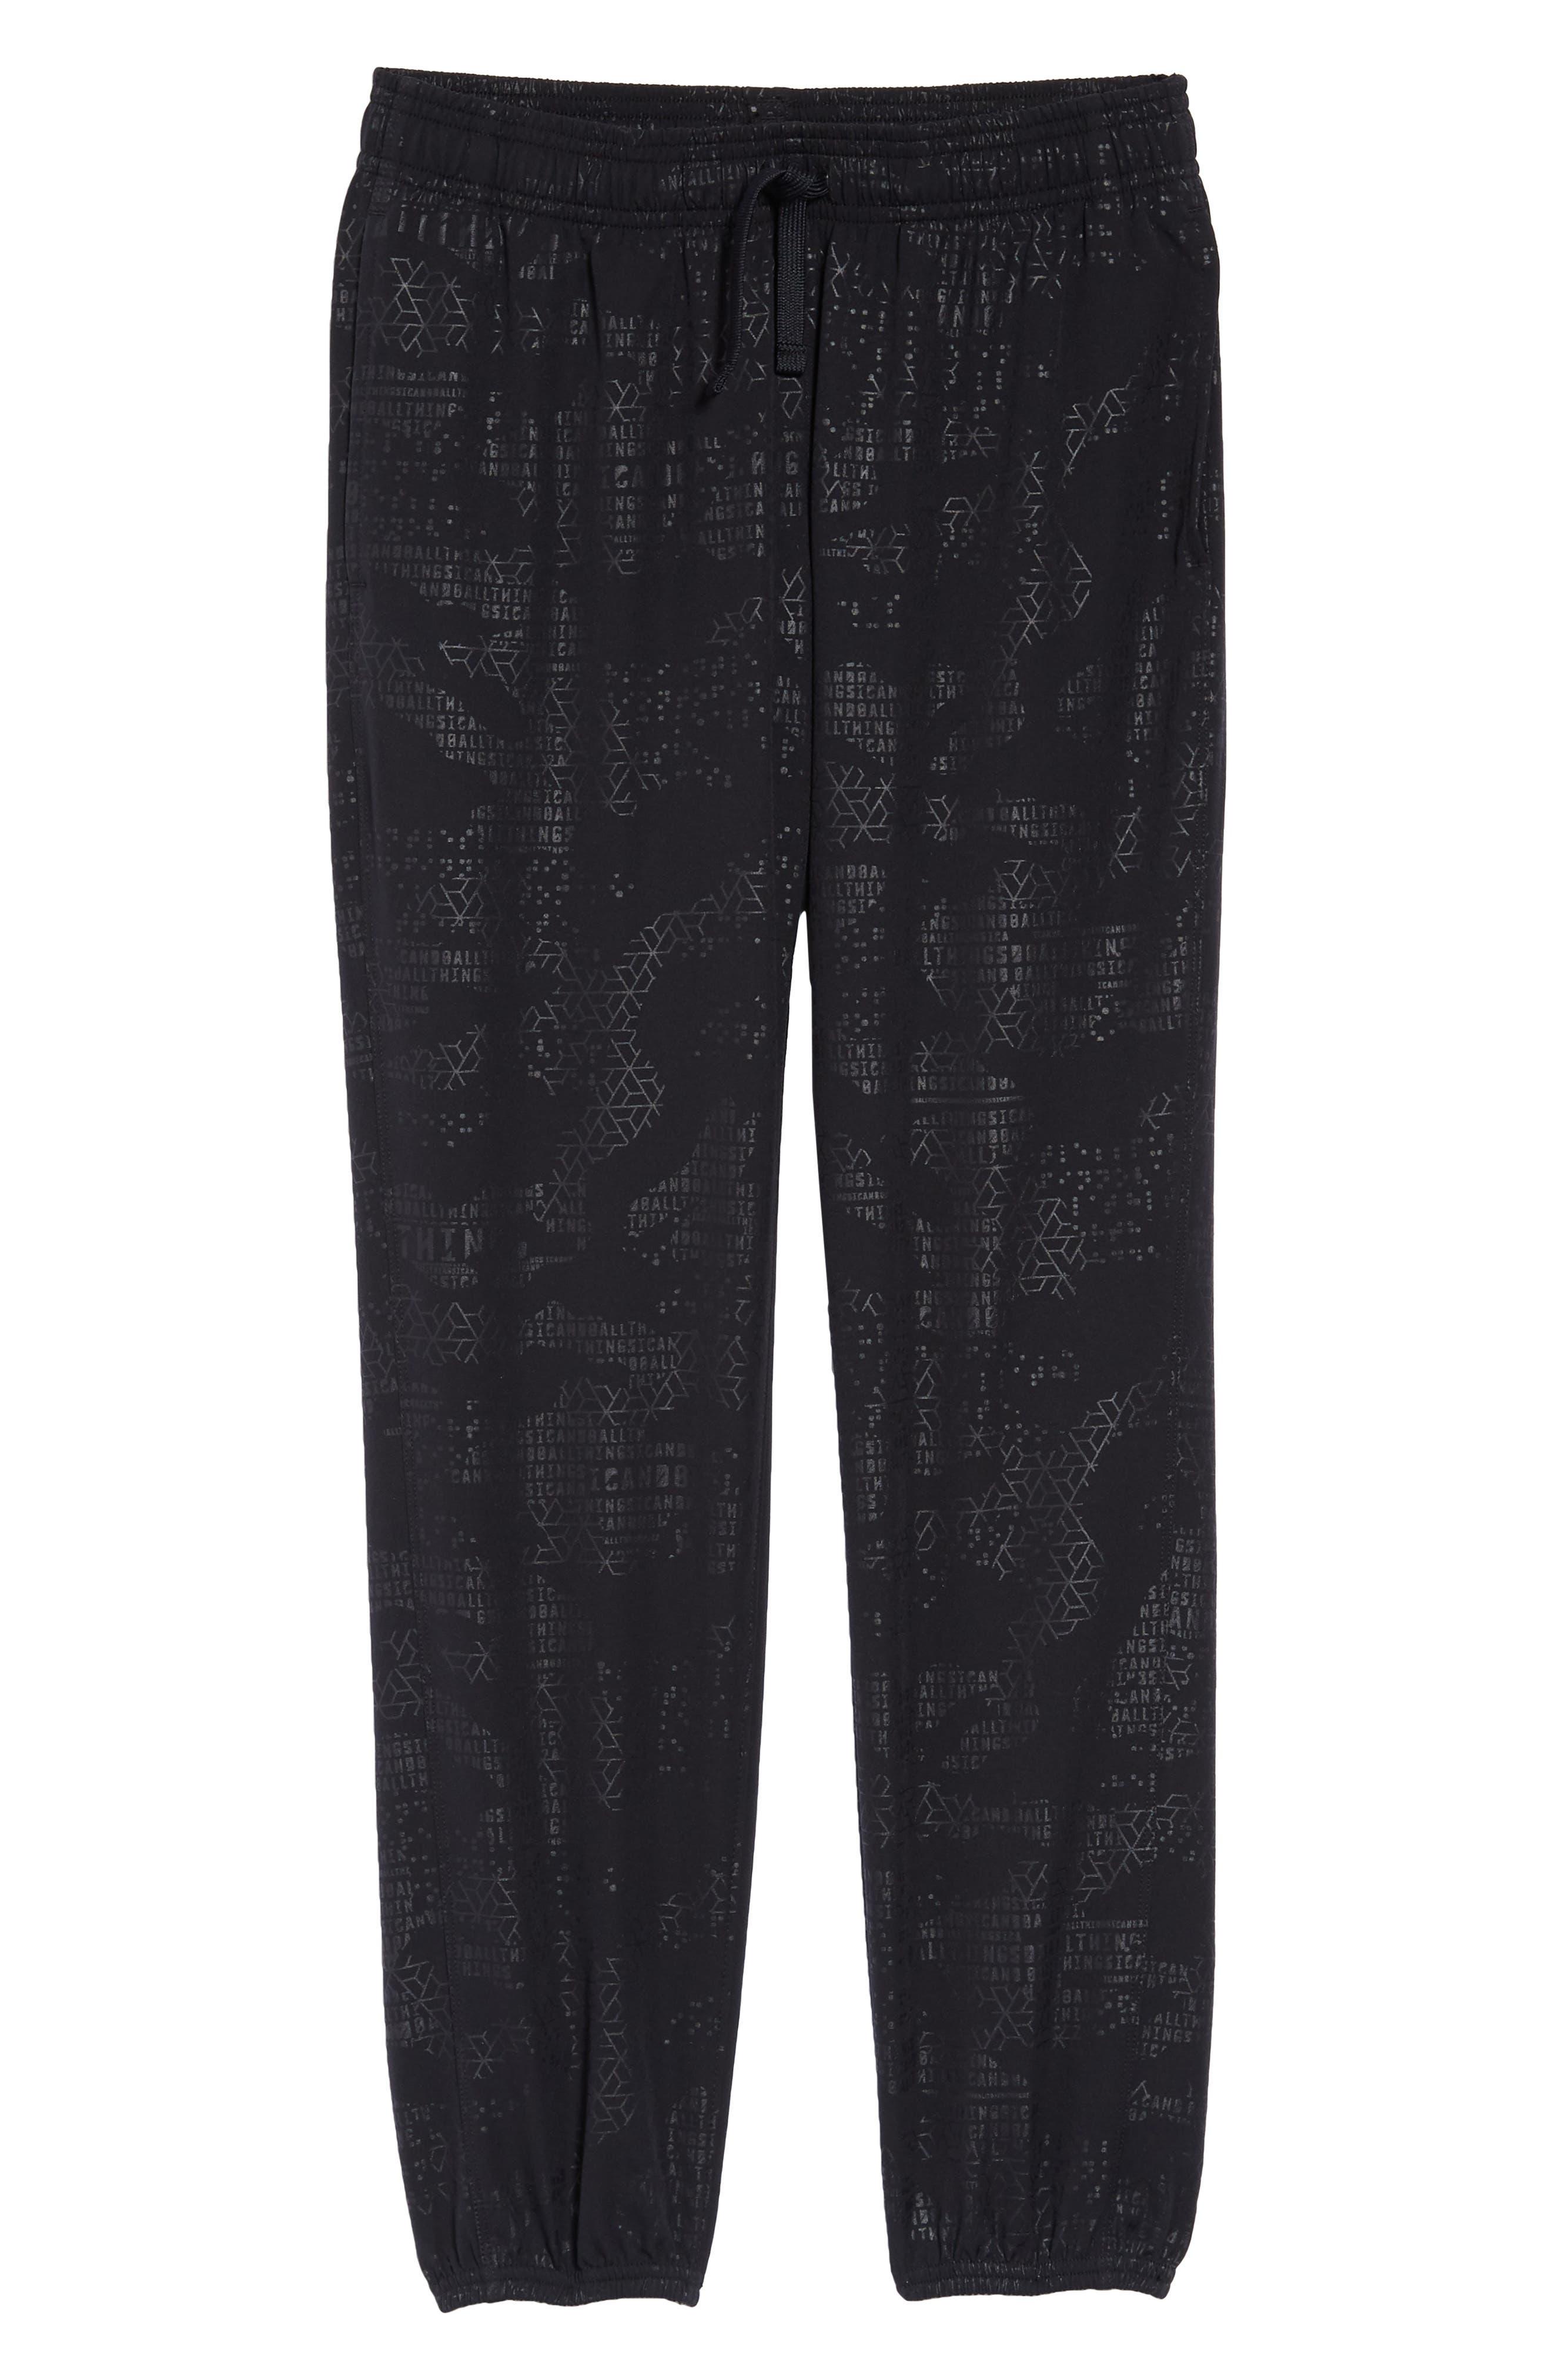 SC30 Windwear Pants,                             Main thumbnail 1, color,                             BLACK / / GRAPHITE